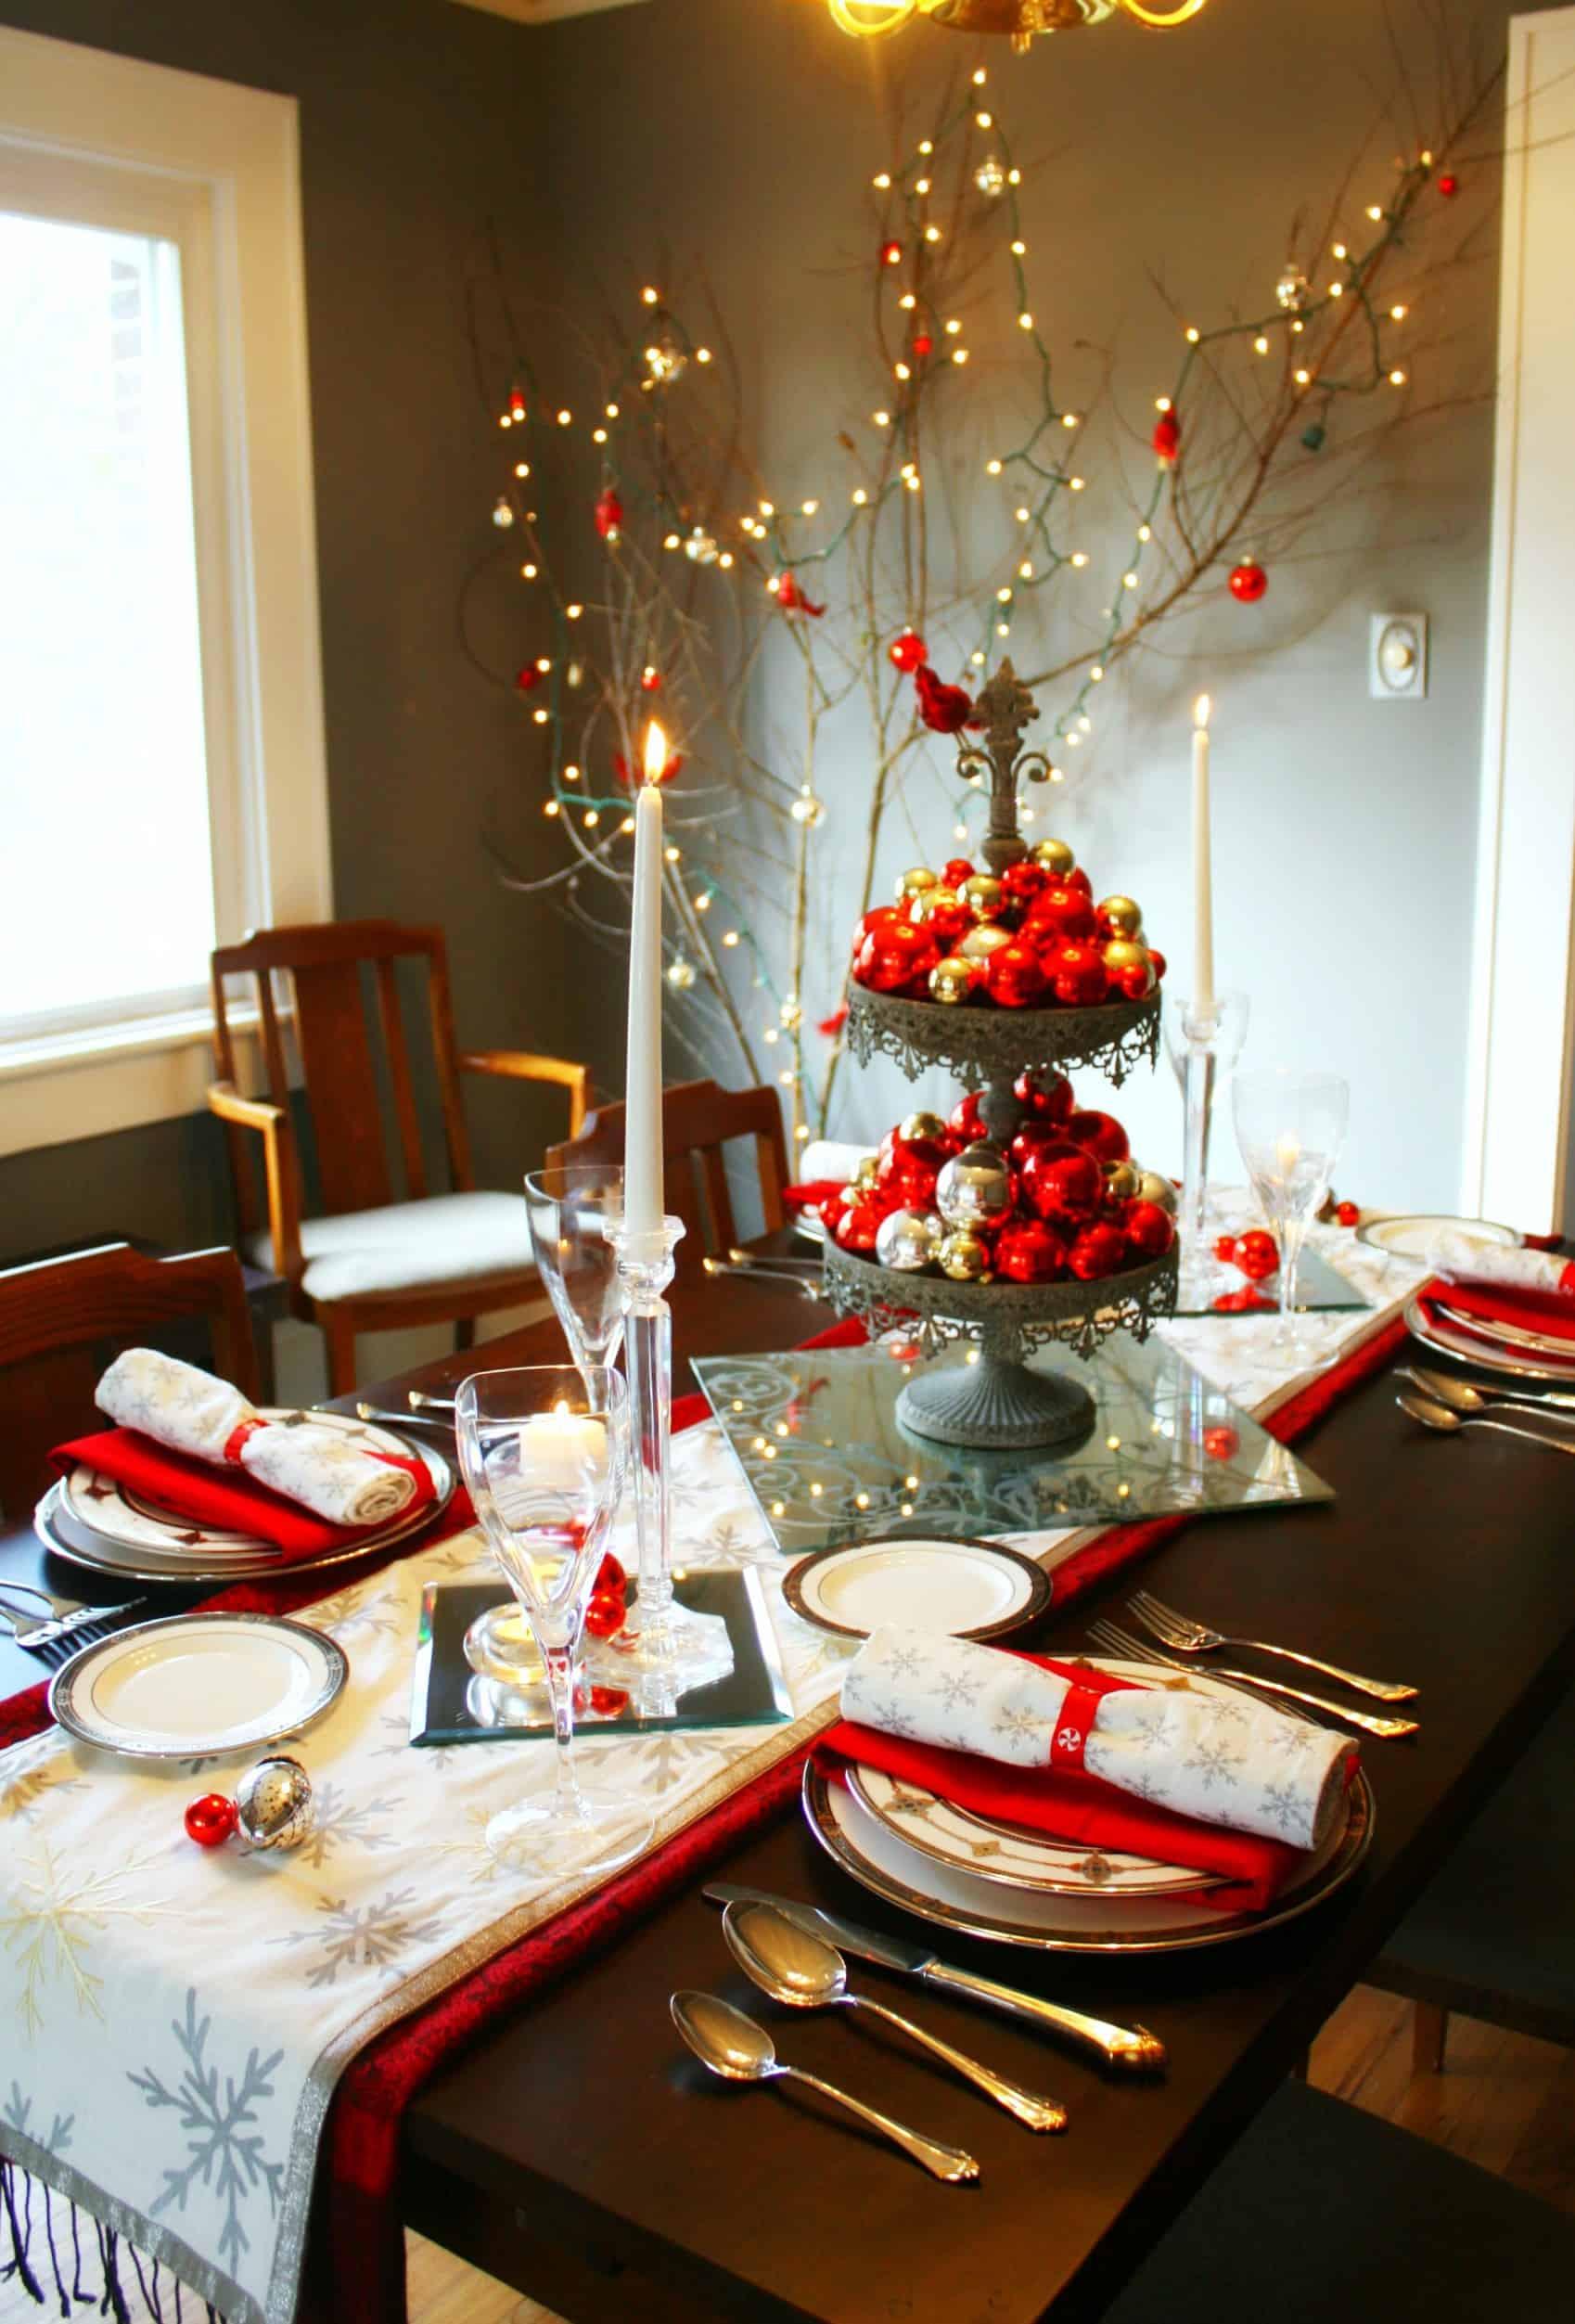 Christmas Dinner Table  20 Wonderful Christmas Dinner Table Settings For Merry